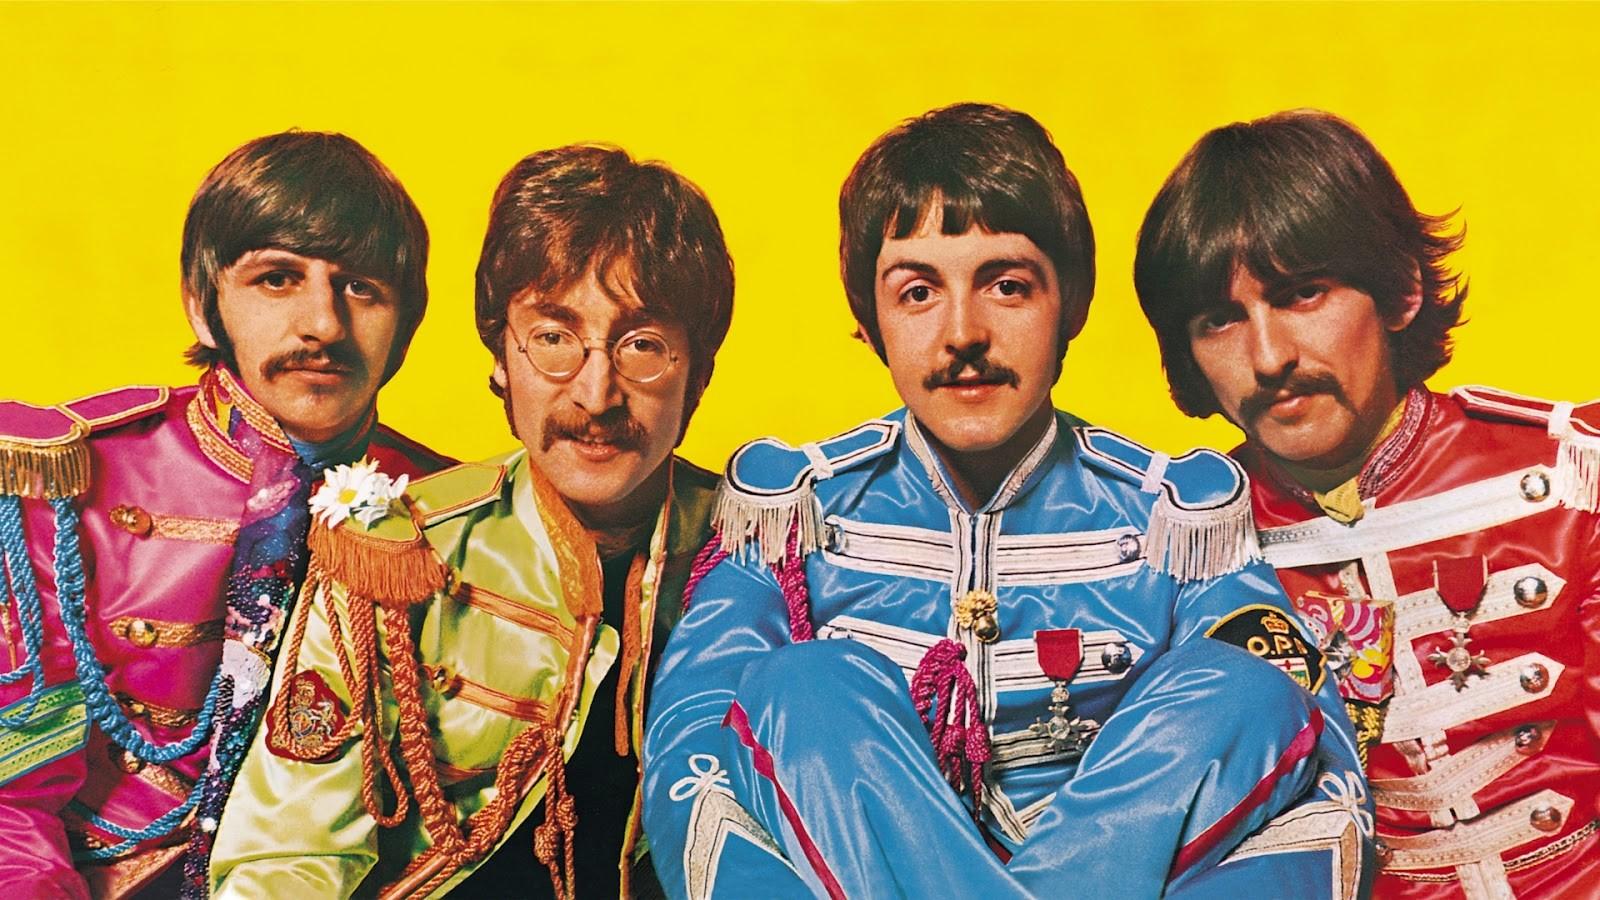 ВПерми сегодня откроется клуб фанатов The Beatles